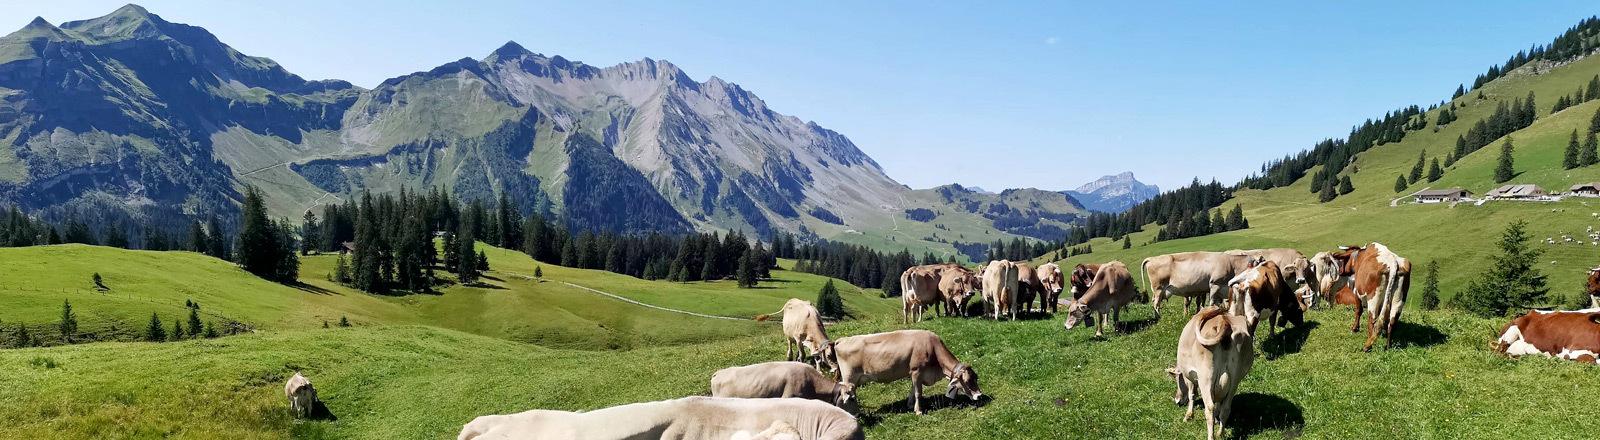 Braune Kühe in einer Berglandschaft in der Schweiz.